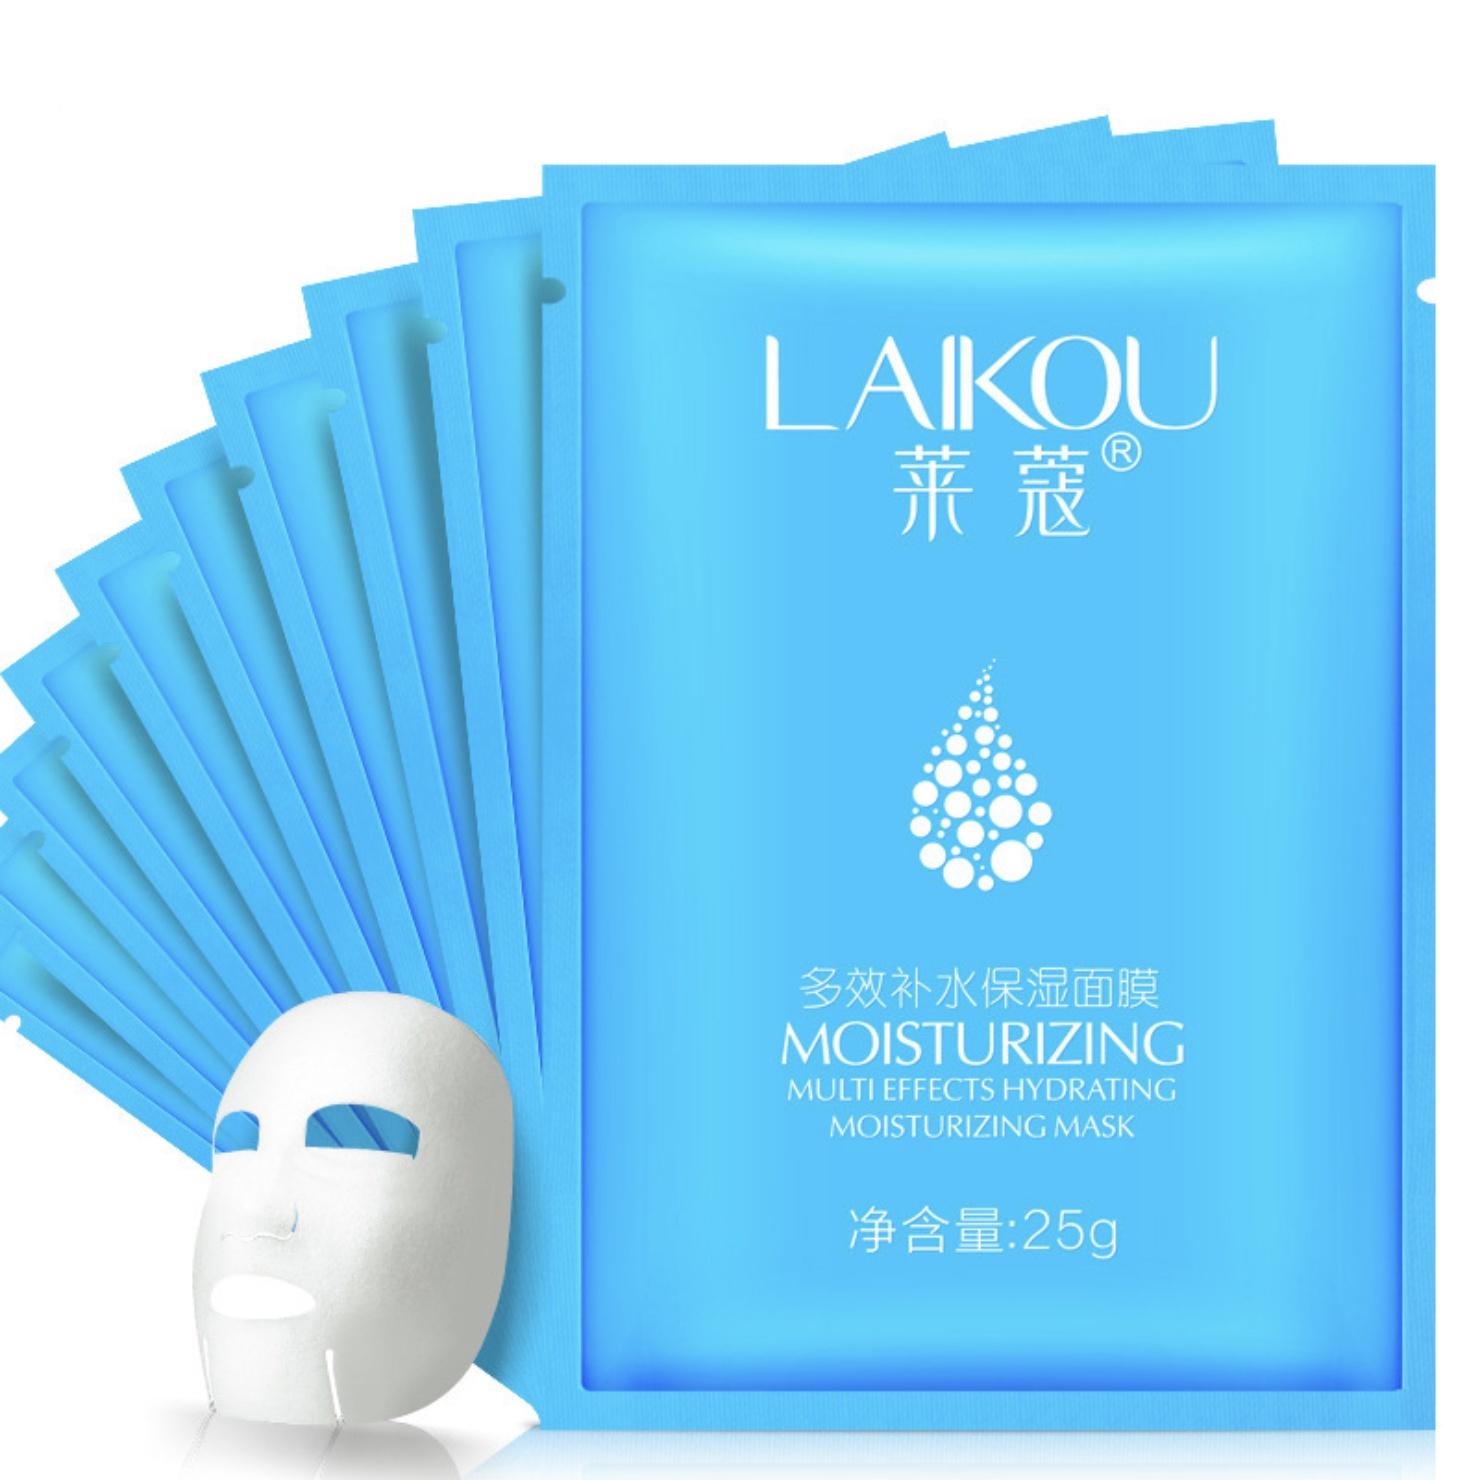 Маска косметическая Laikou набор масок для лица с гиалуроновой кислотой для всех типов кожи, 10 штук, 30